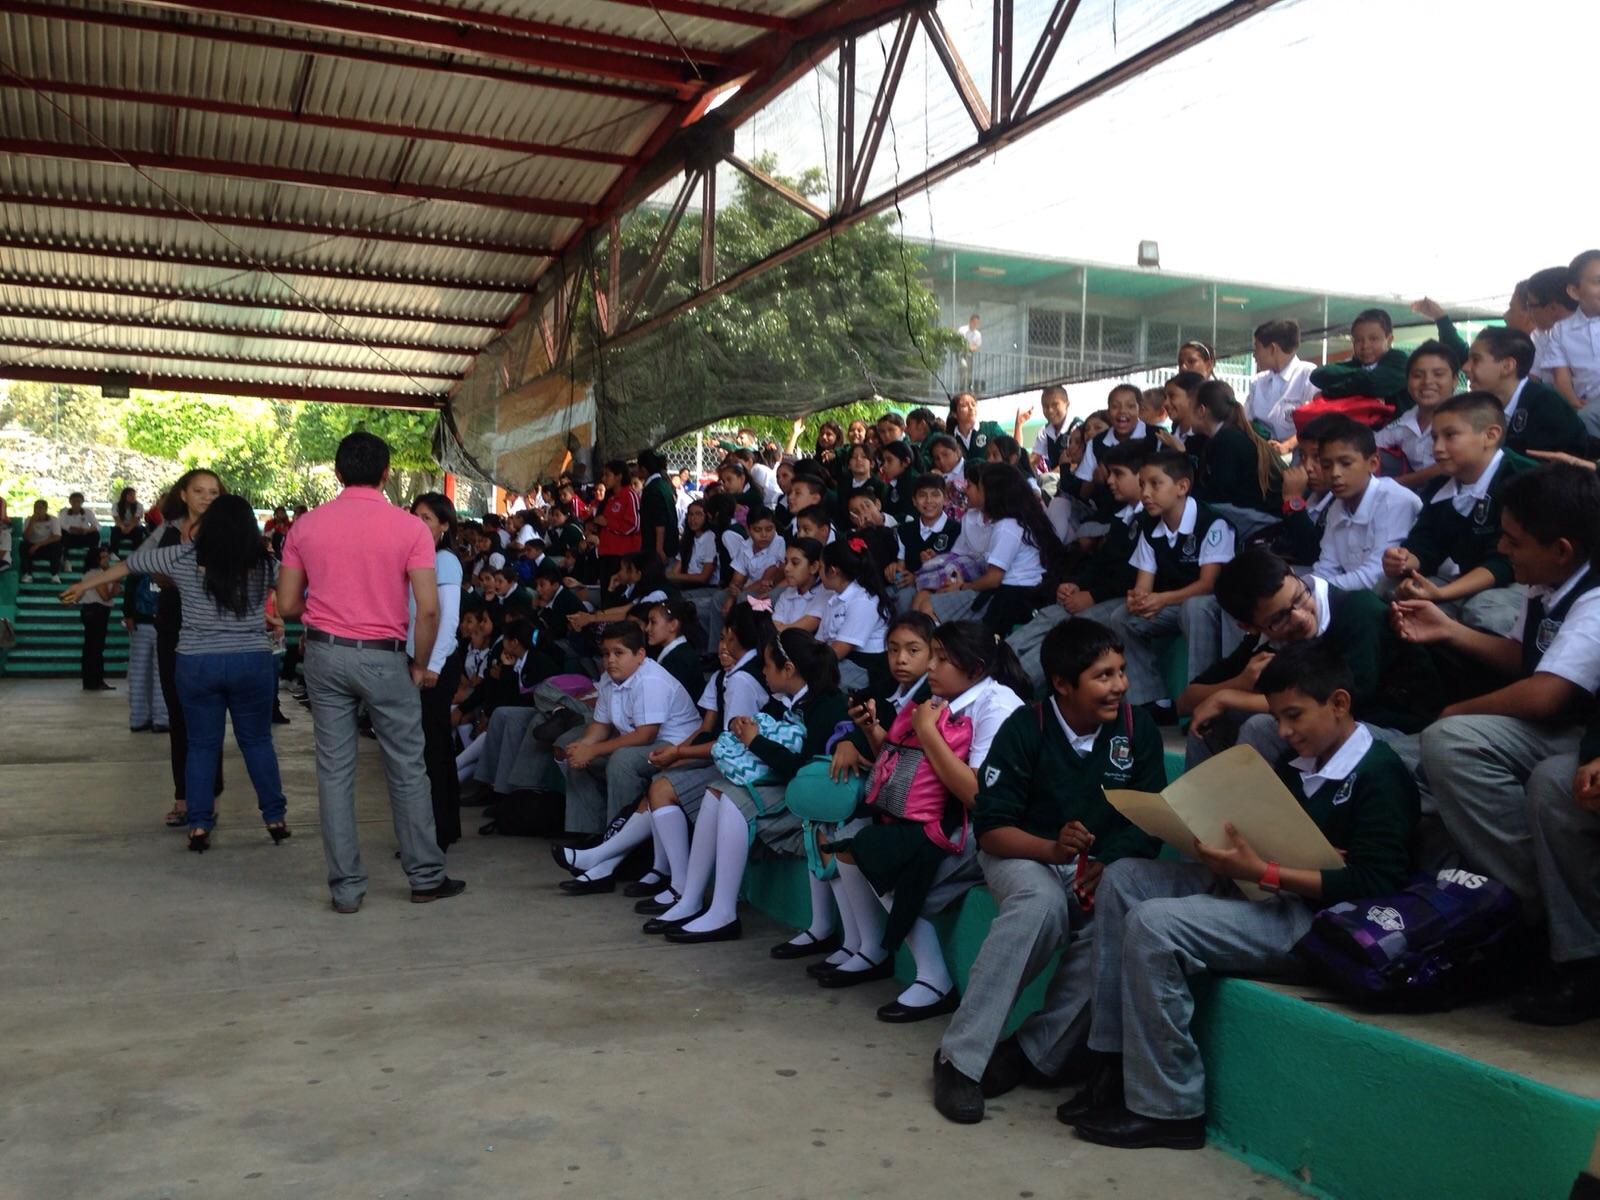 El ciclo escolar terminará el 5 de junio en Morelos y eliminarán el examen de admisión a secundaria